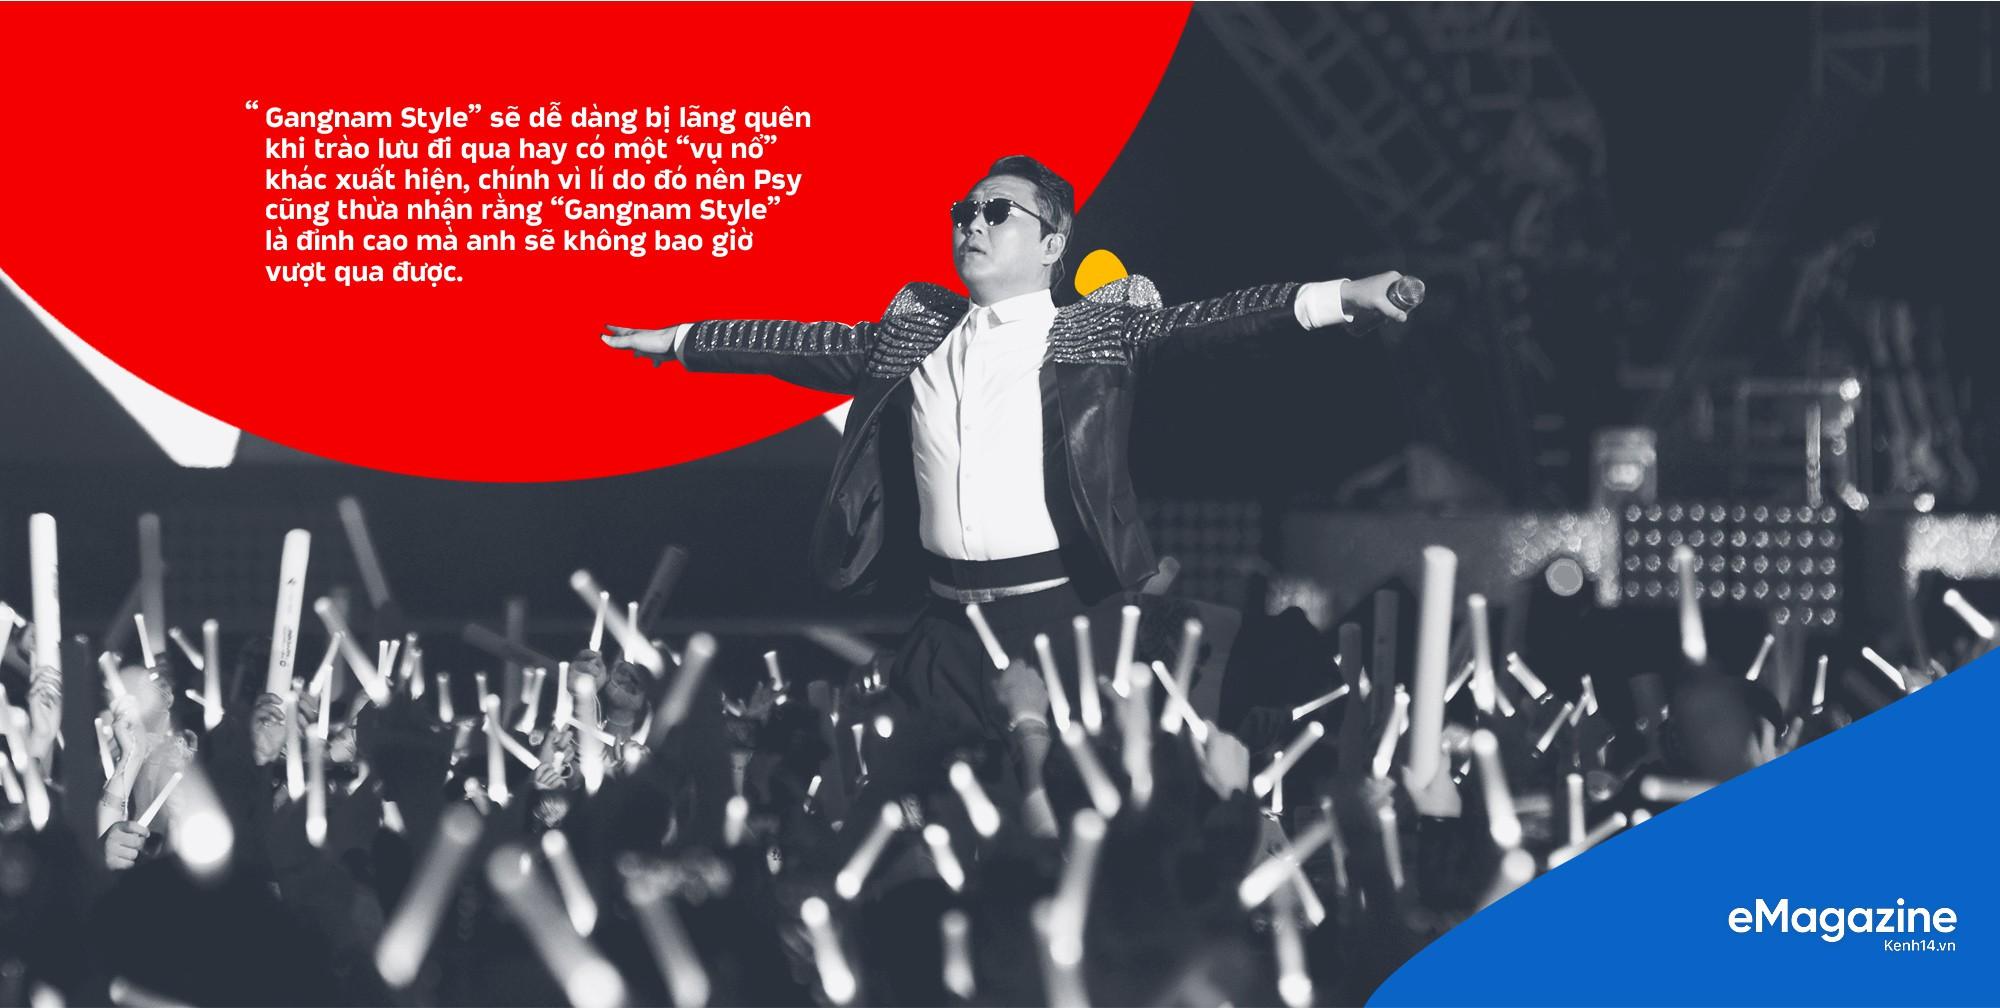 """Psy, BTS và câu chuyện về những người mở đường cho """"Giấc mơ Mỹ"""" của các nghệ sĩ Hàn - Ảnh 6."""